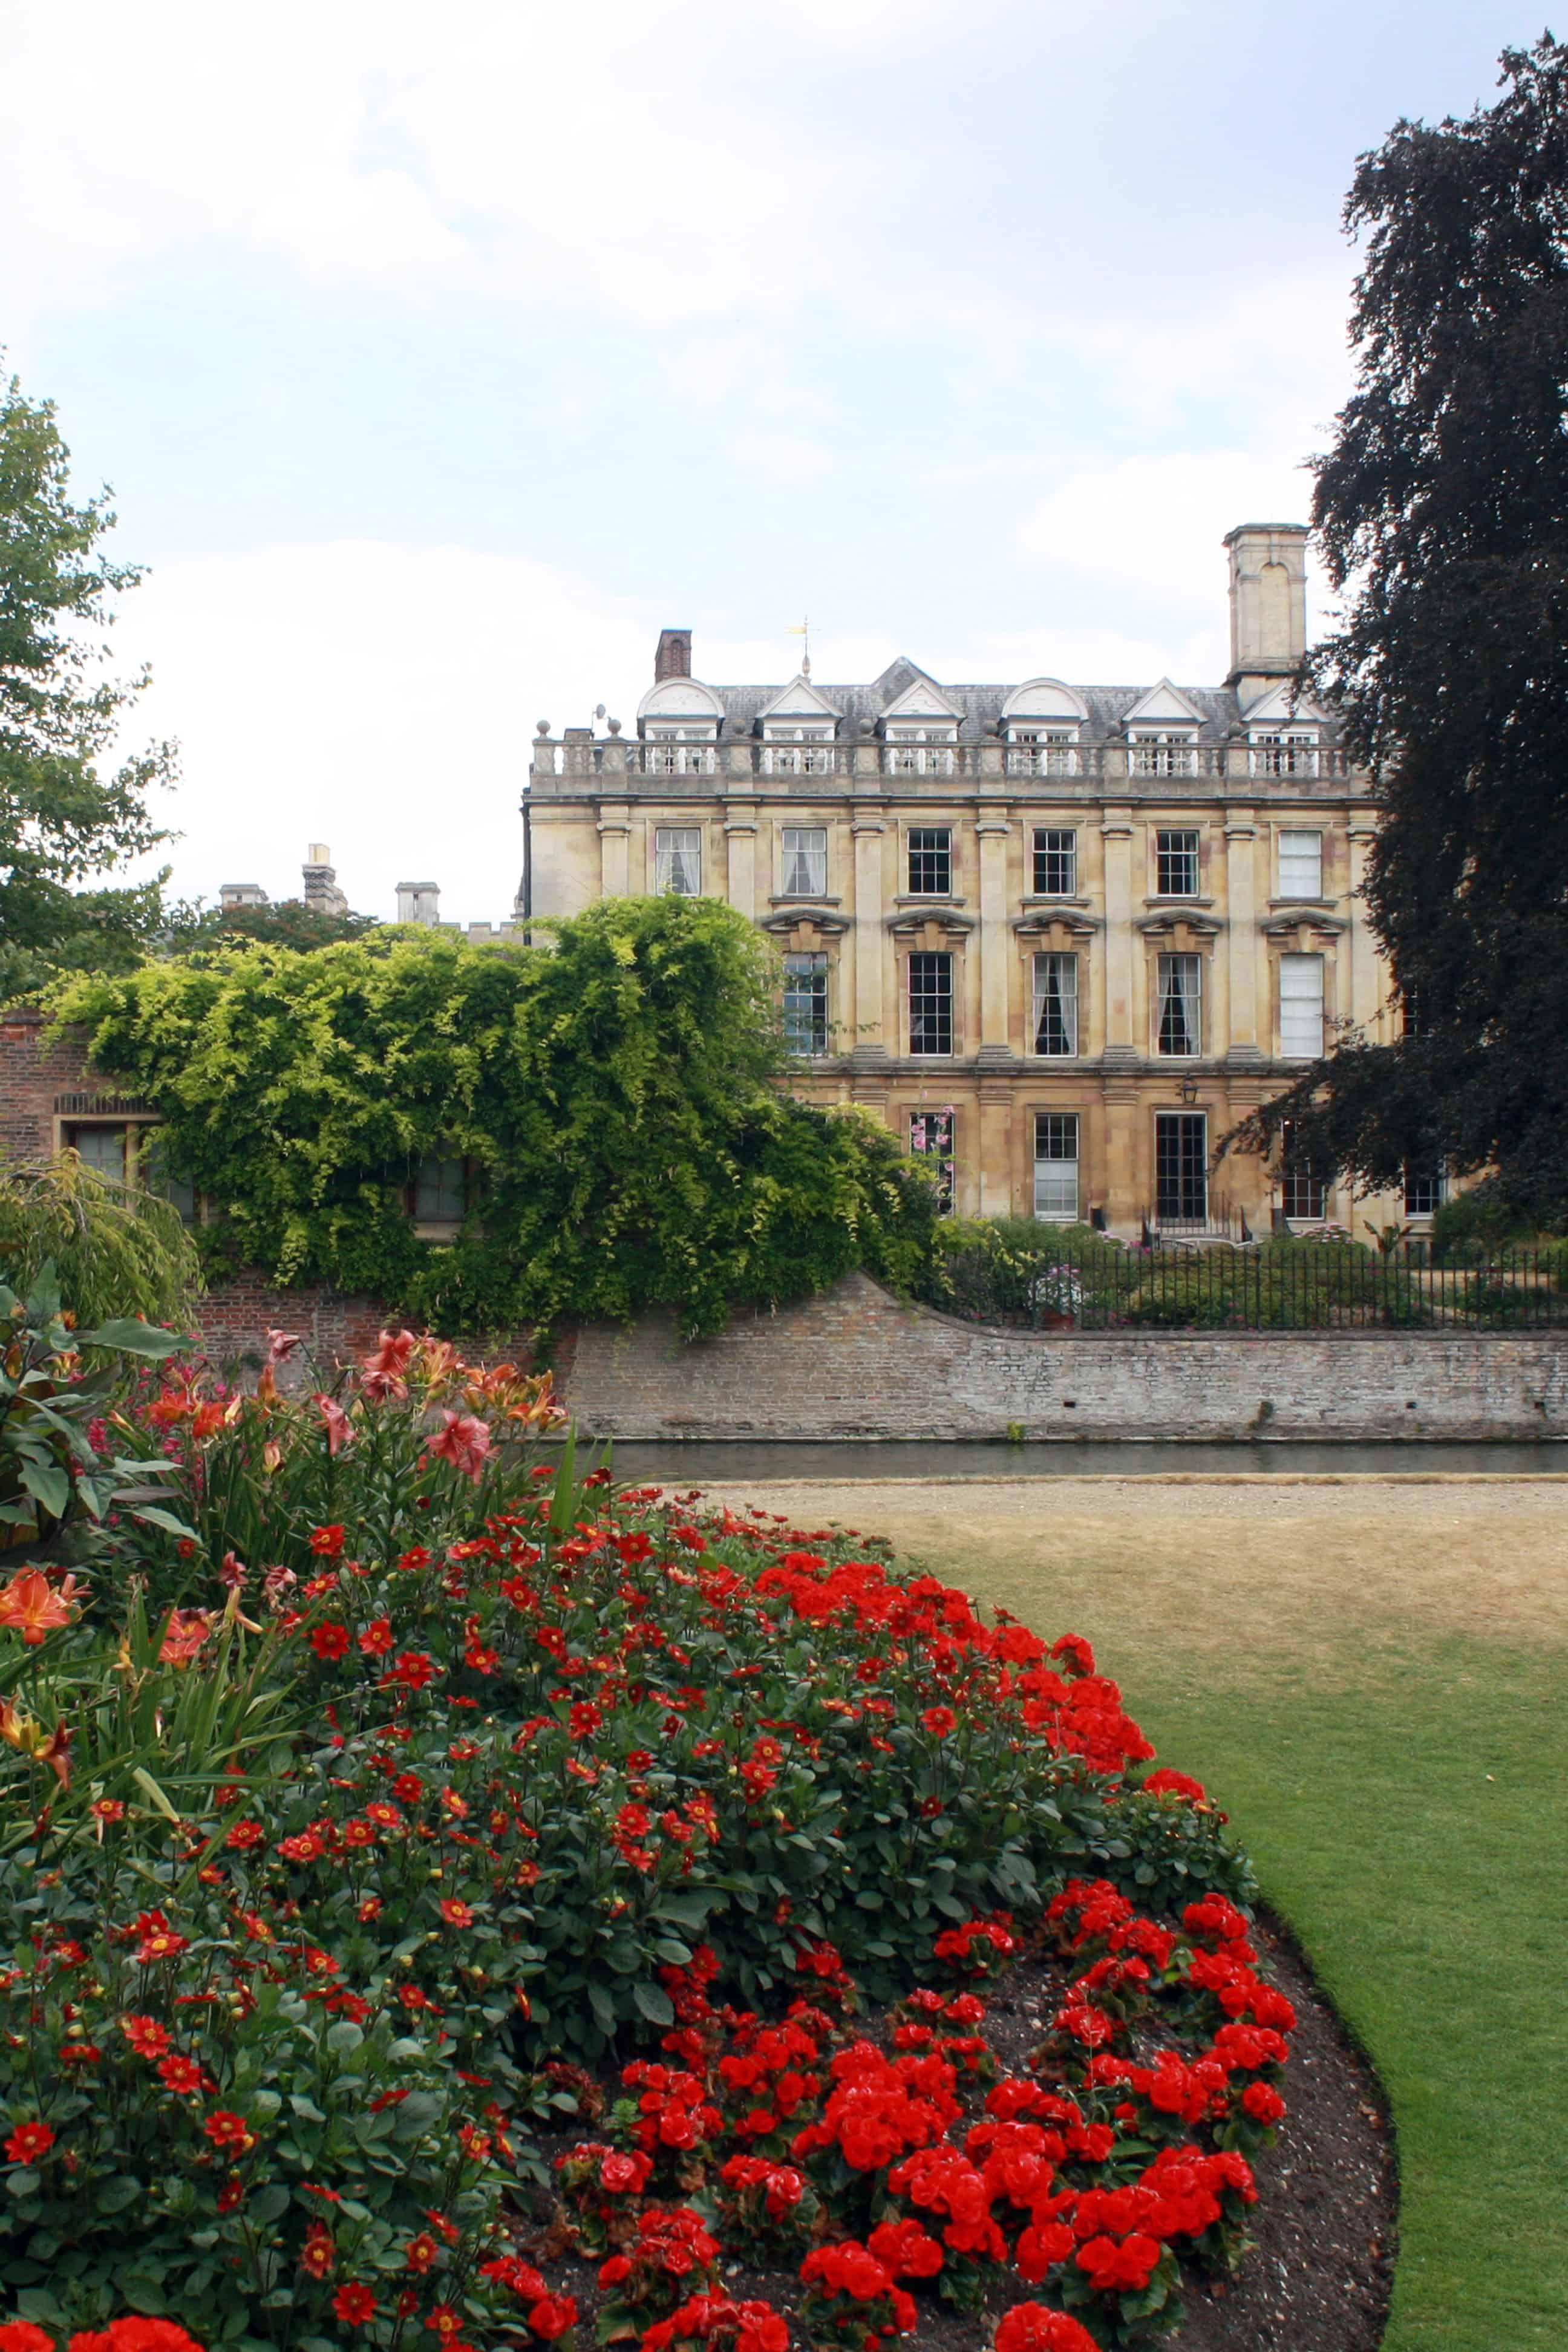 Clare College Fellows' Garden